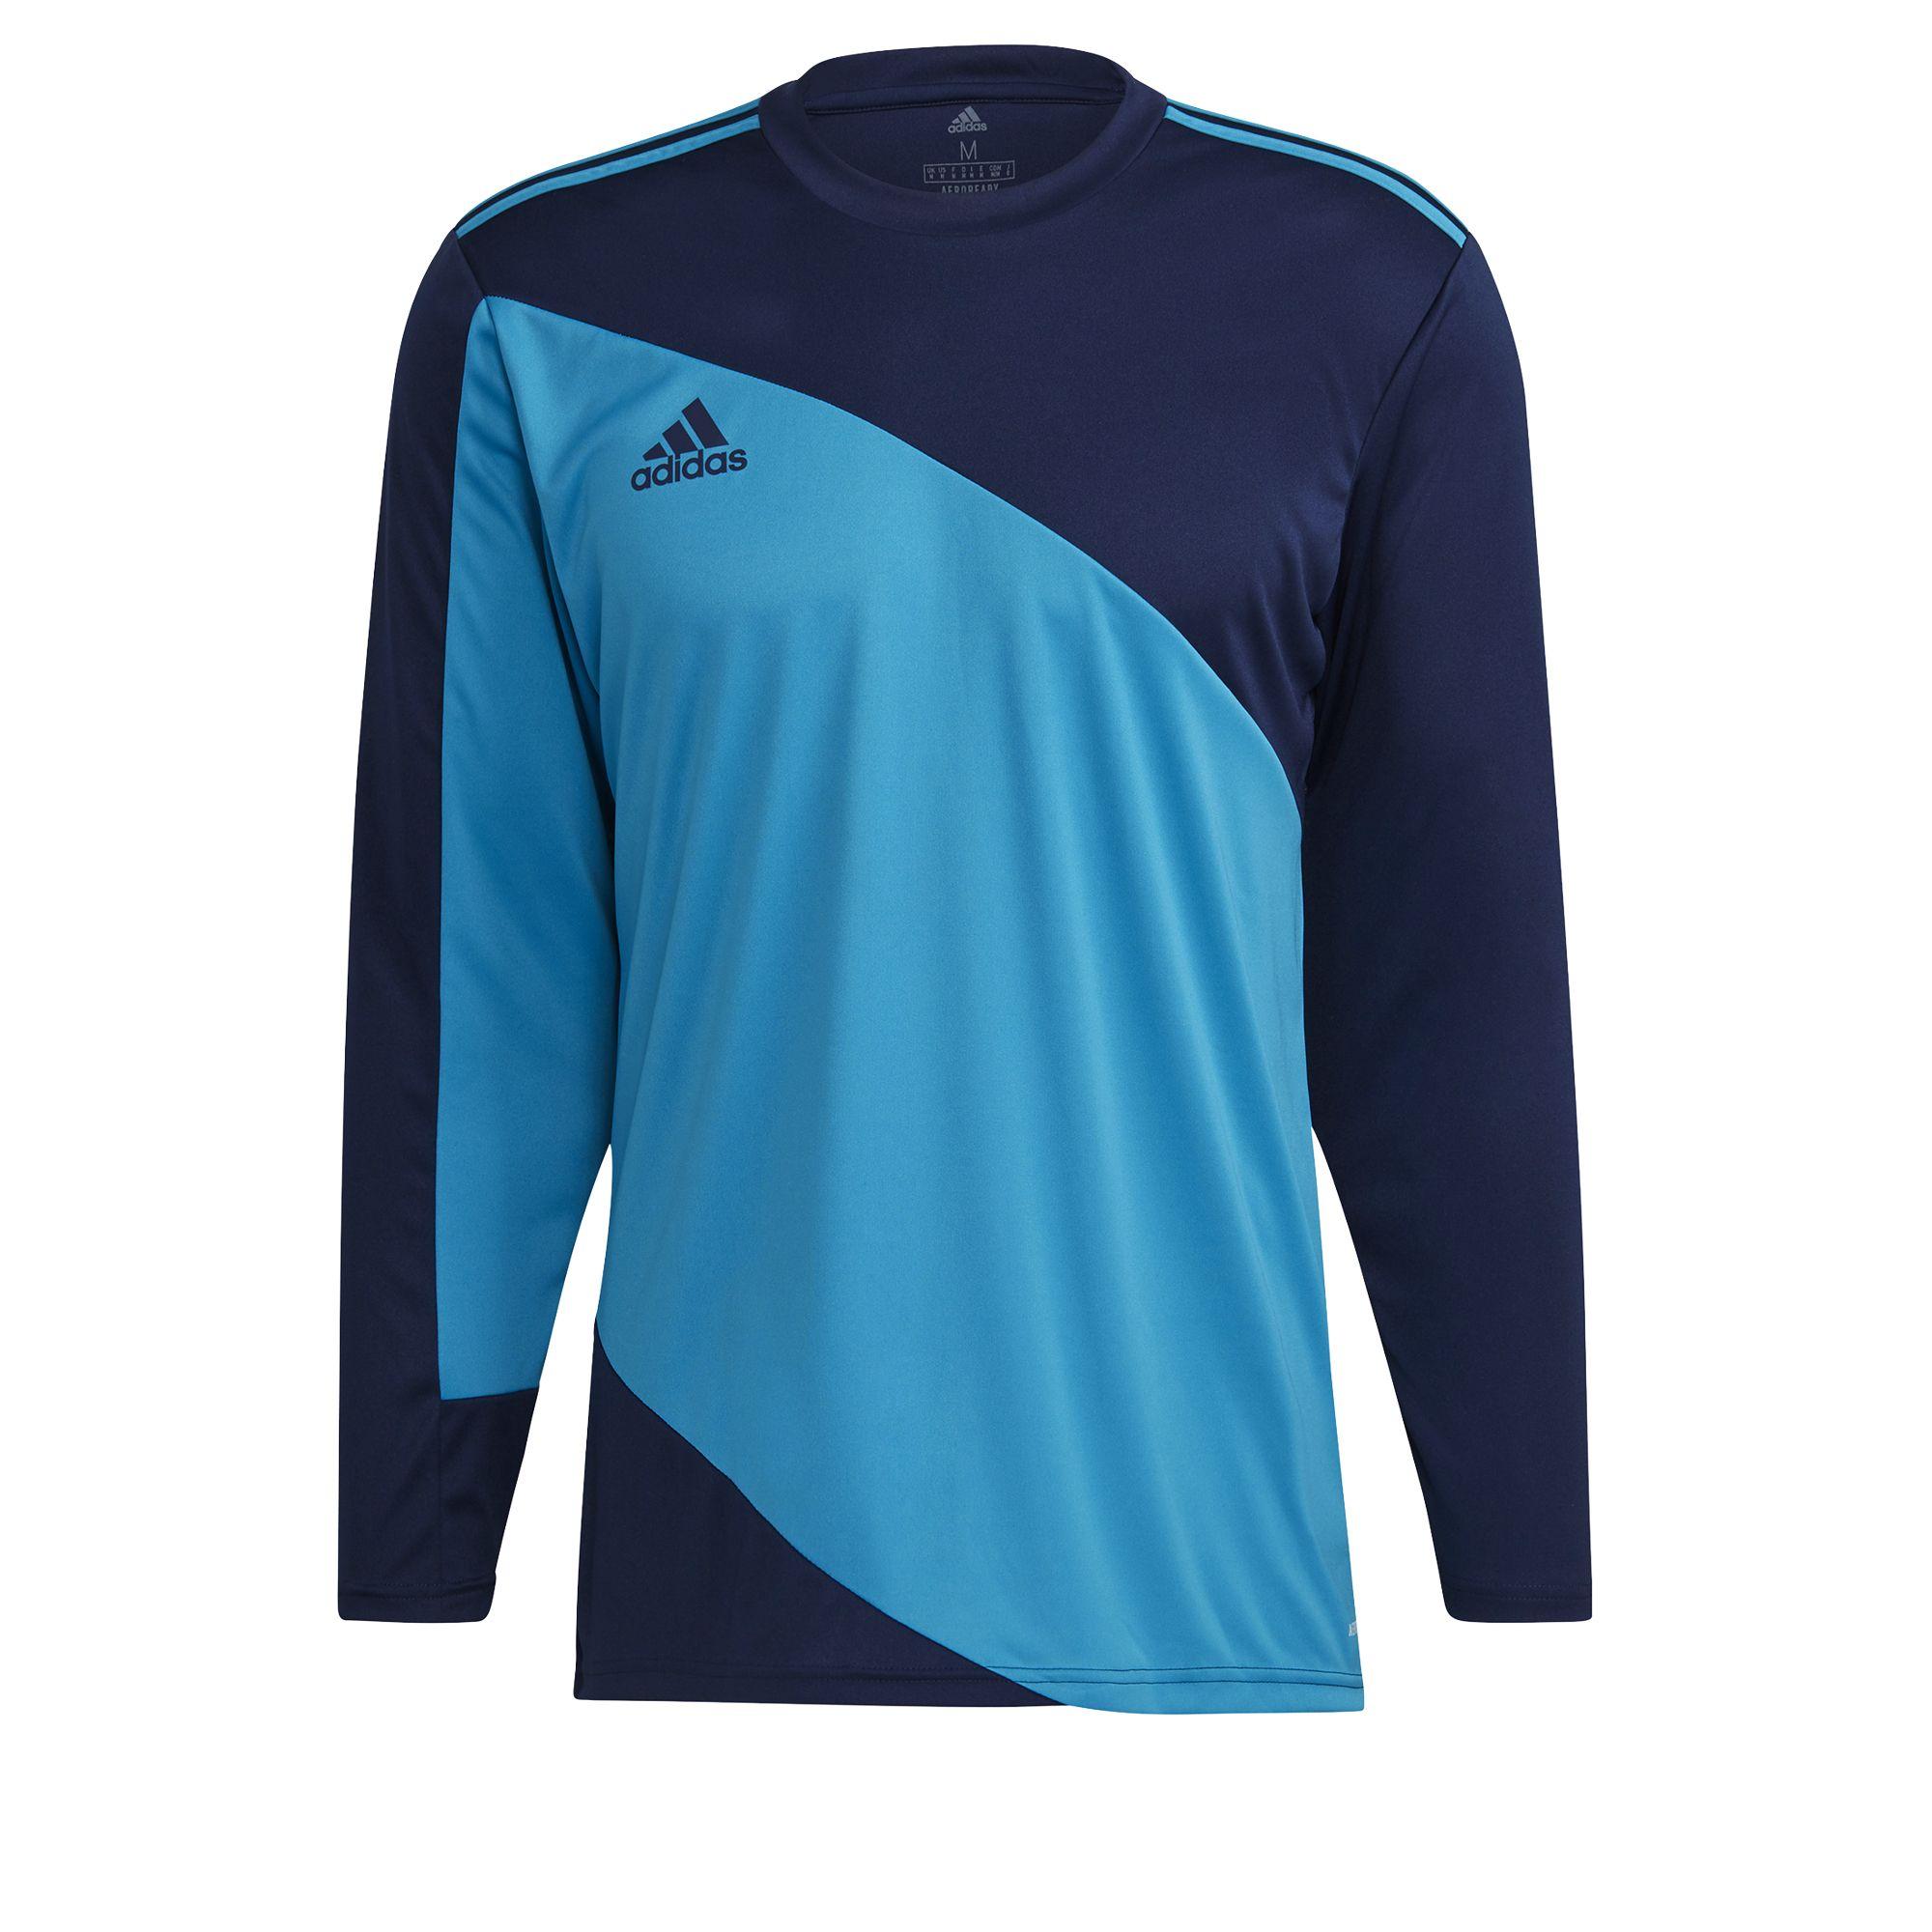 adidas Squadra 21 Keepersshirt Lange Mouwen Donkerblauw Lichtblauw